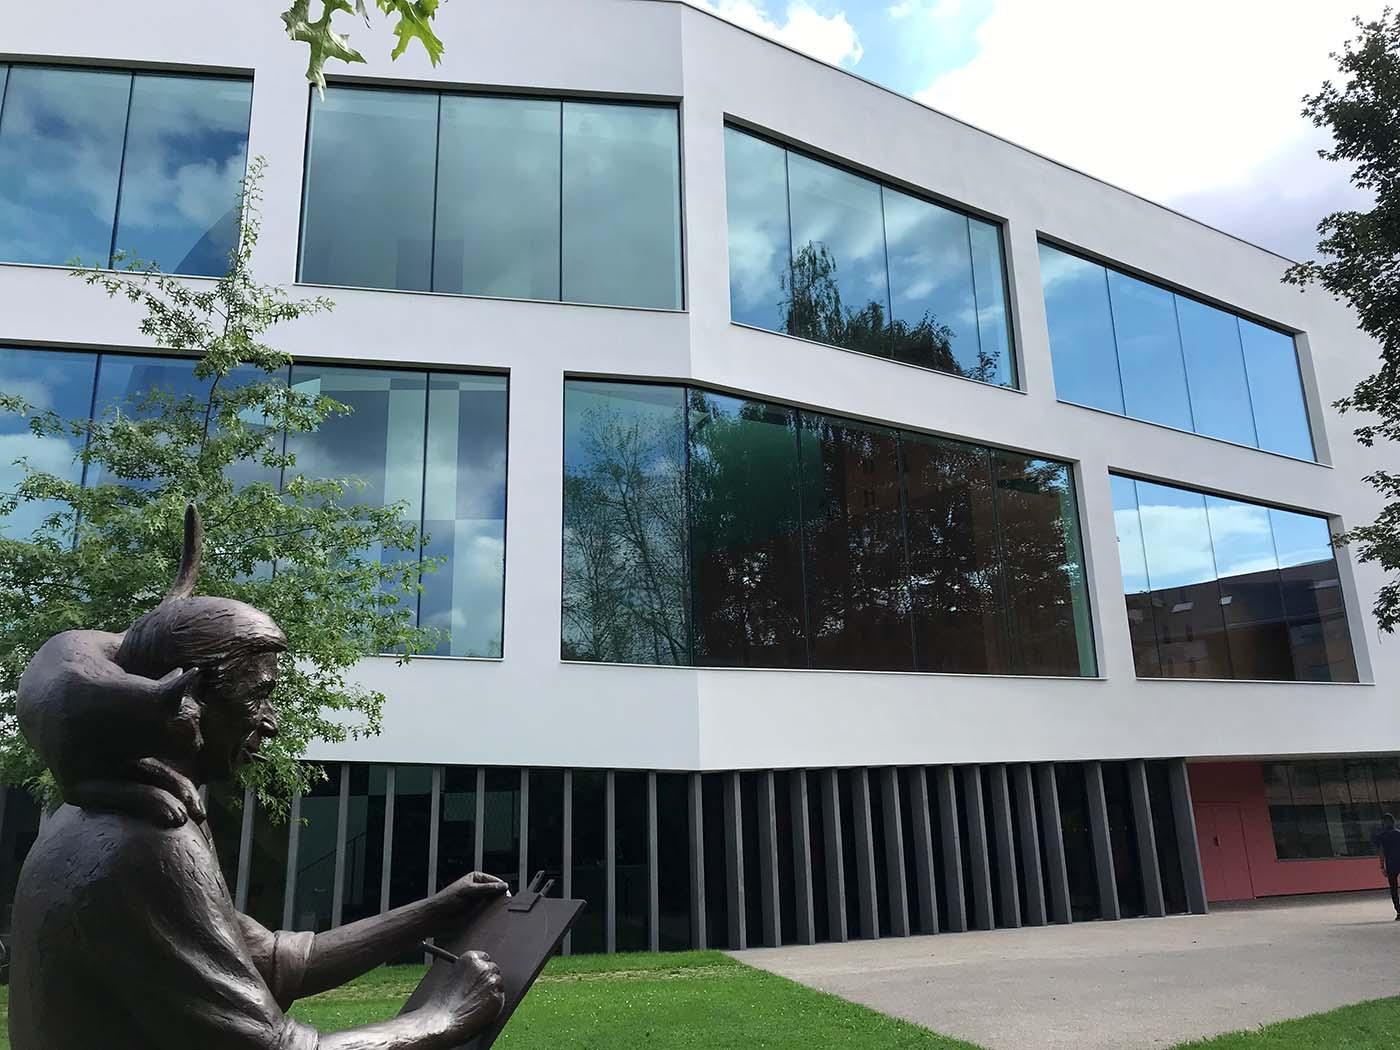 Musée Hergé statue